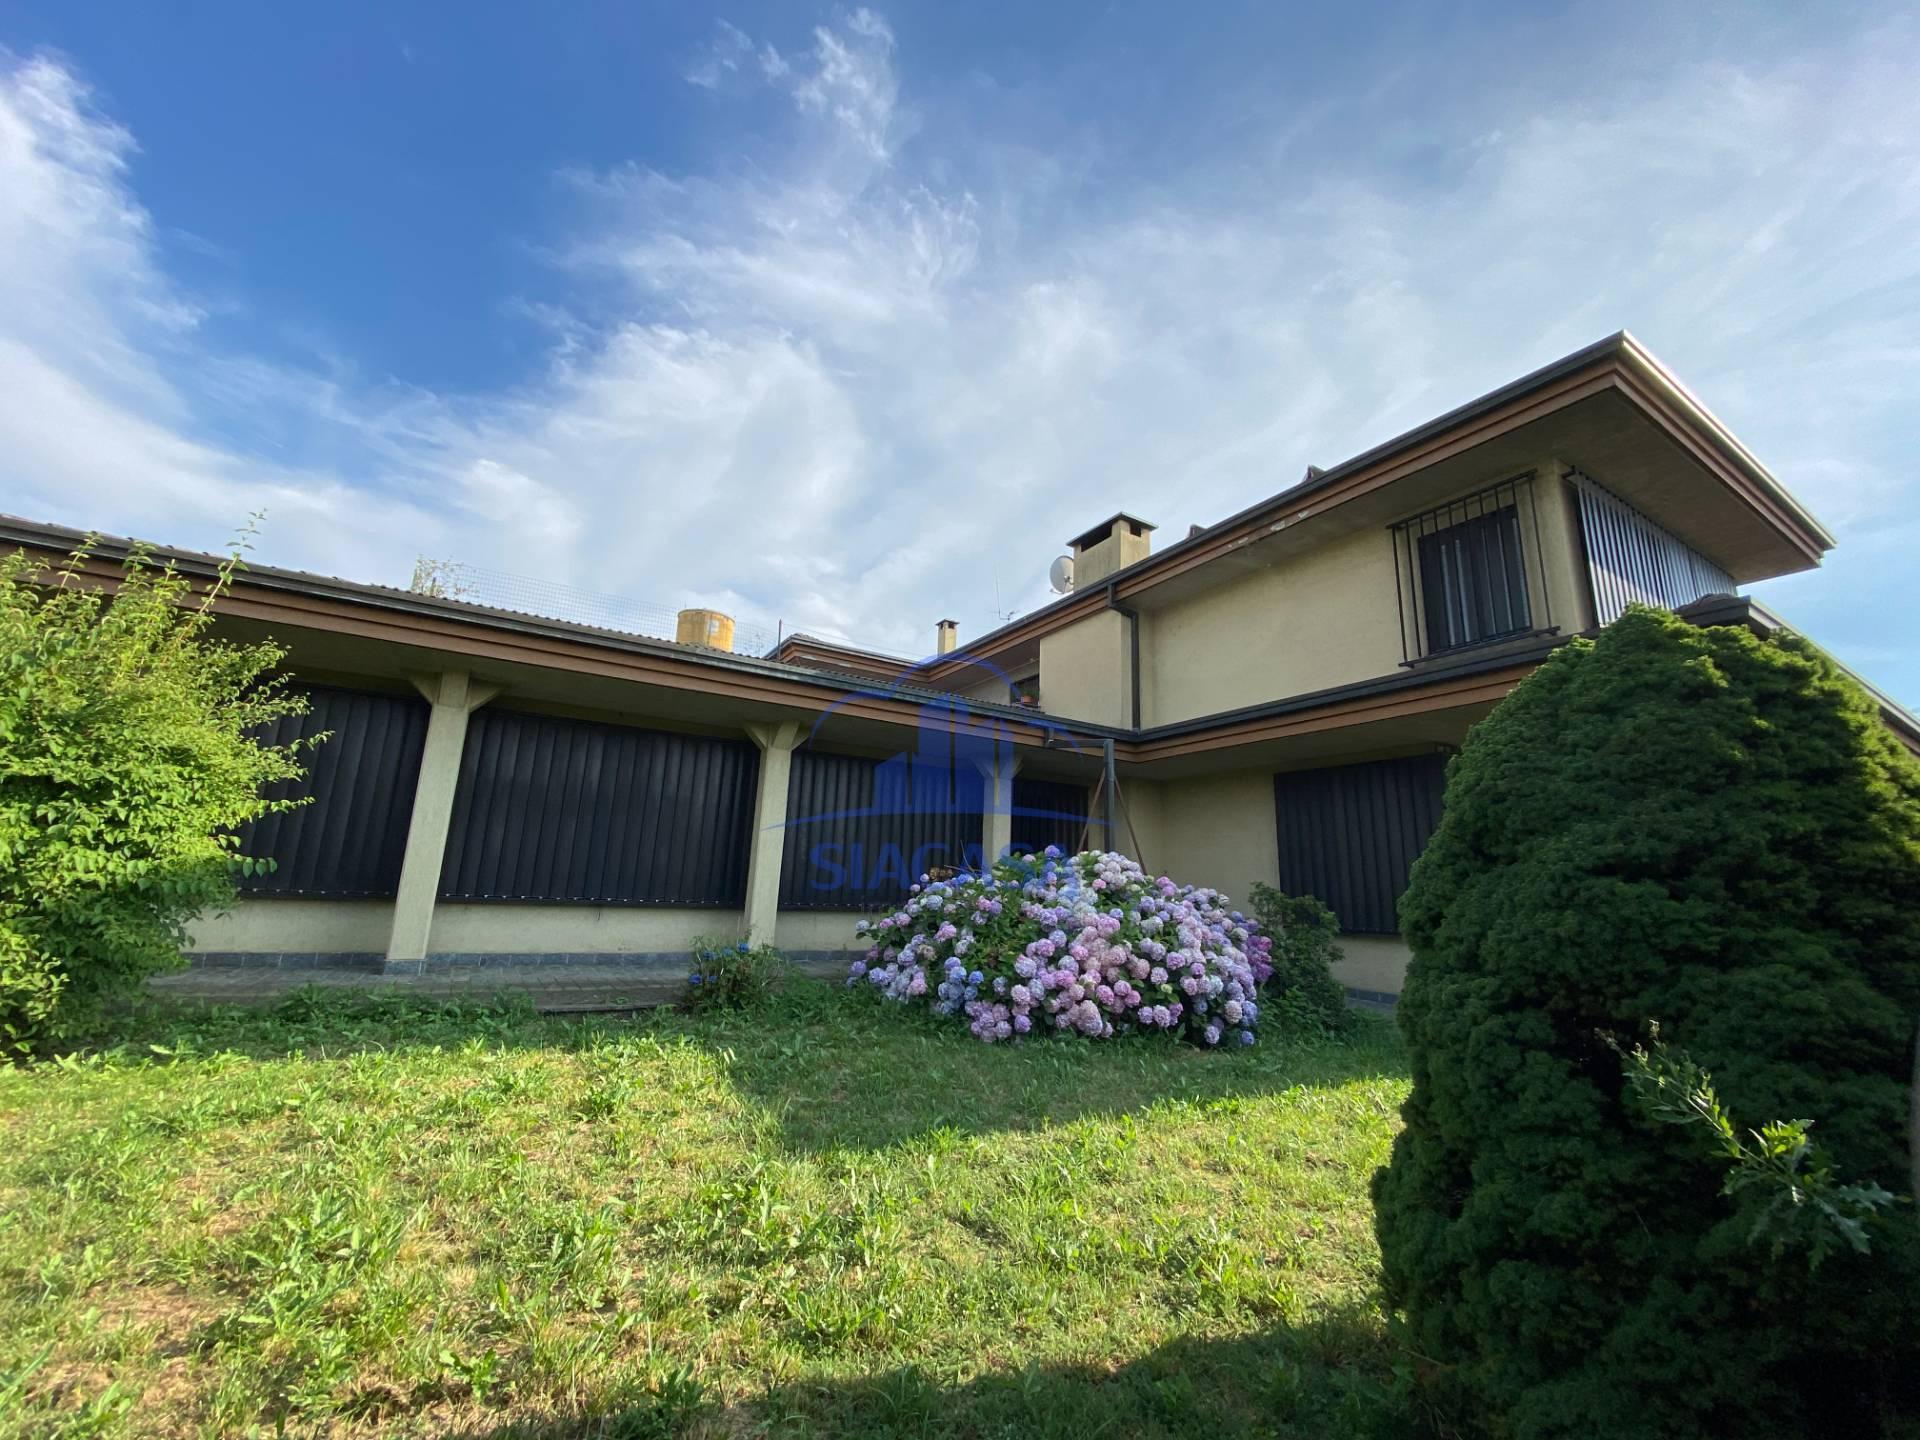 Ufficio / Studio in affitto a Basiano, 9999 locali, prezzo € 2.100 | PortaleAgenzieImmobiliari.it